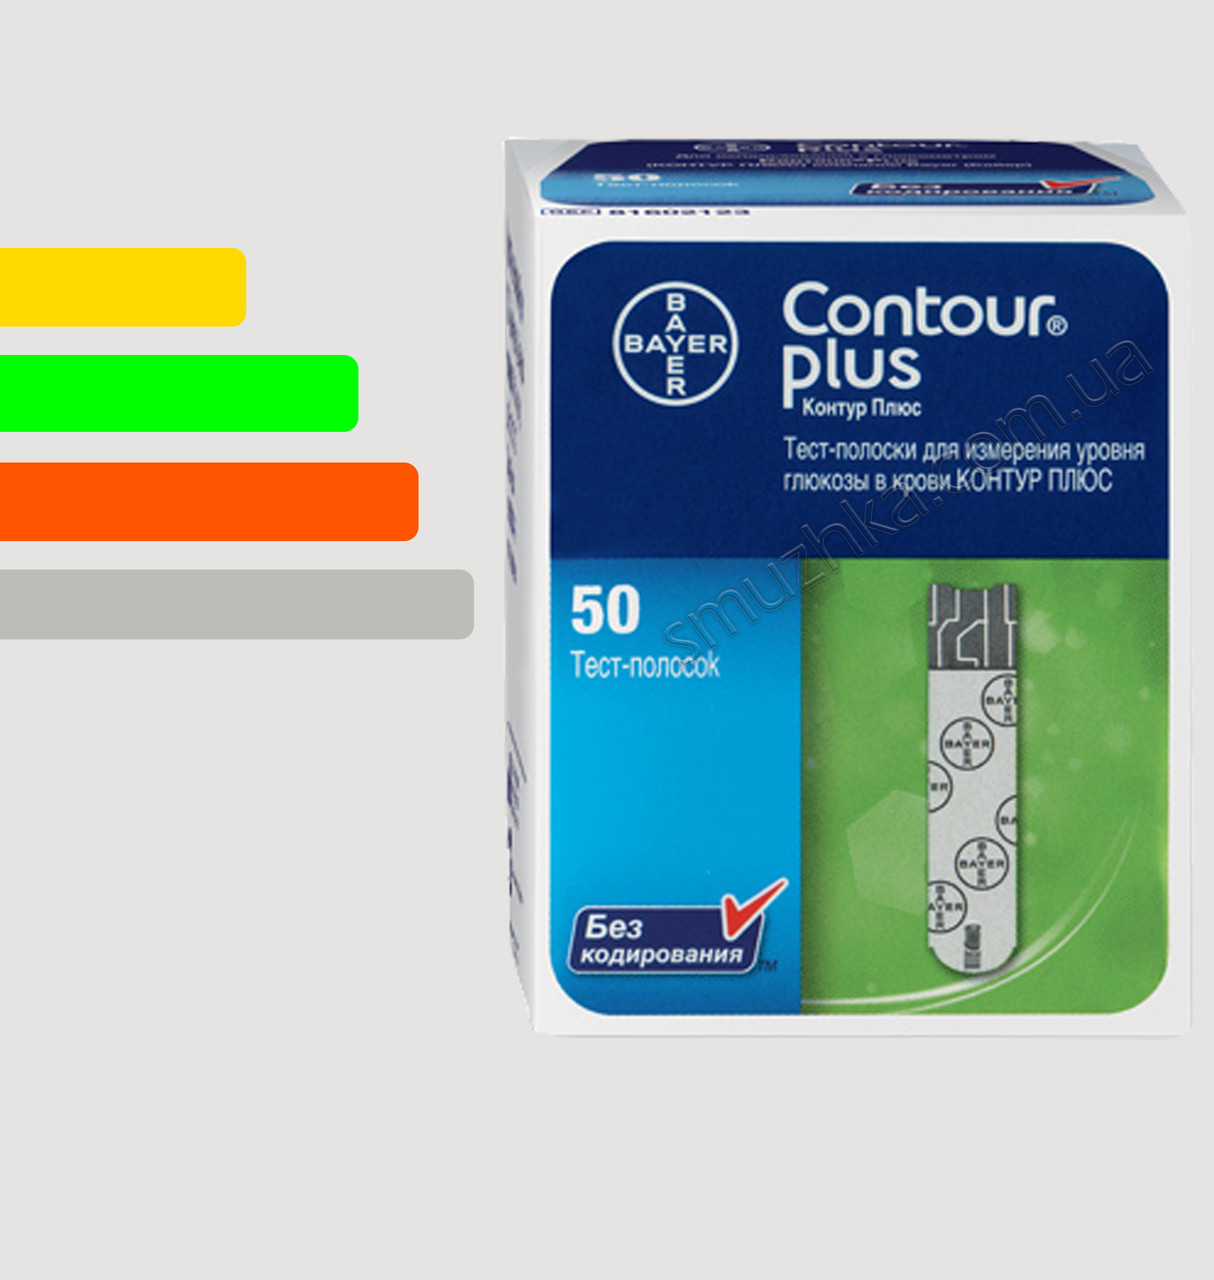 Тест-полоски для глюкометра Contour PLUS #50 -  Контур ПЛЮС тест полоски  #50 шт